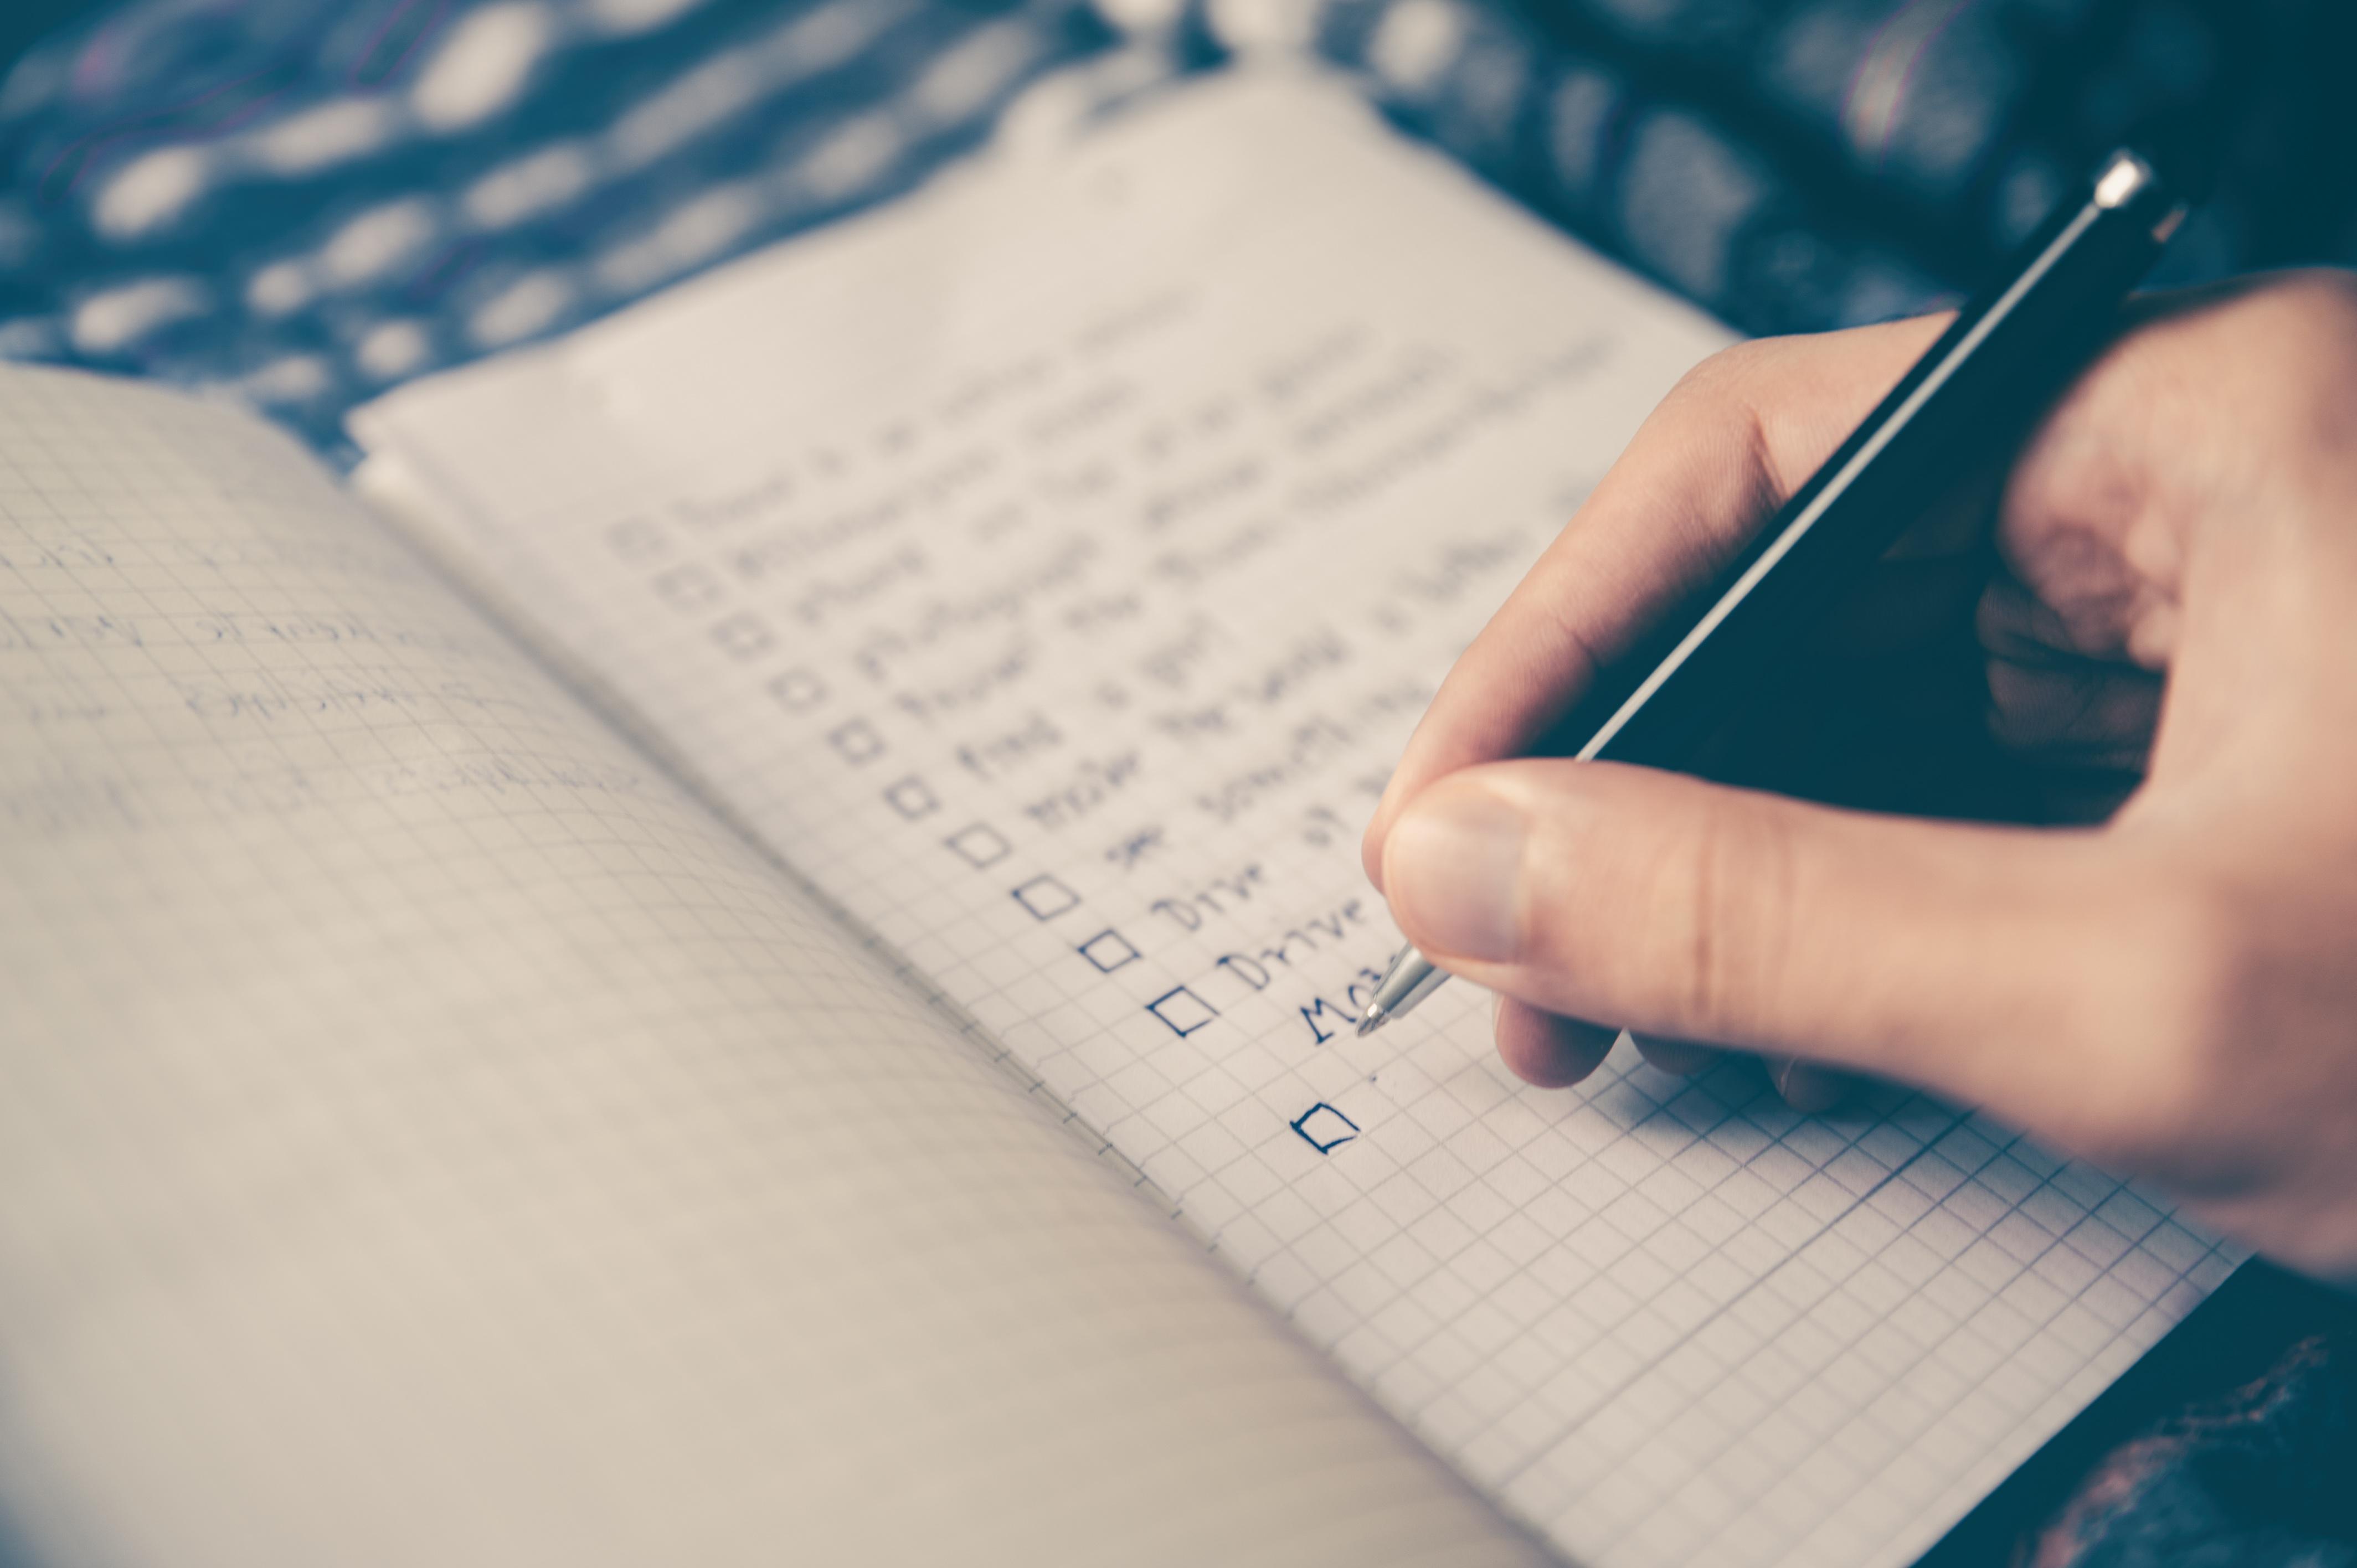 Топ-100 питань для співбесіди ‒ прийди готовим